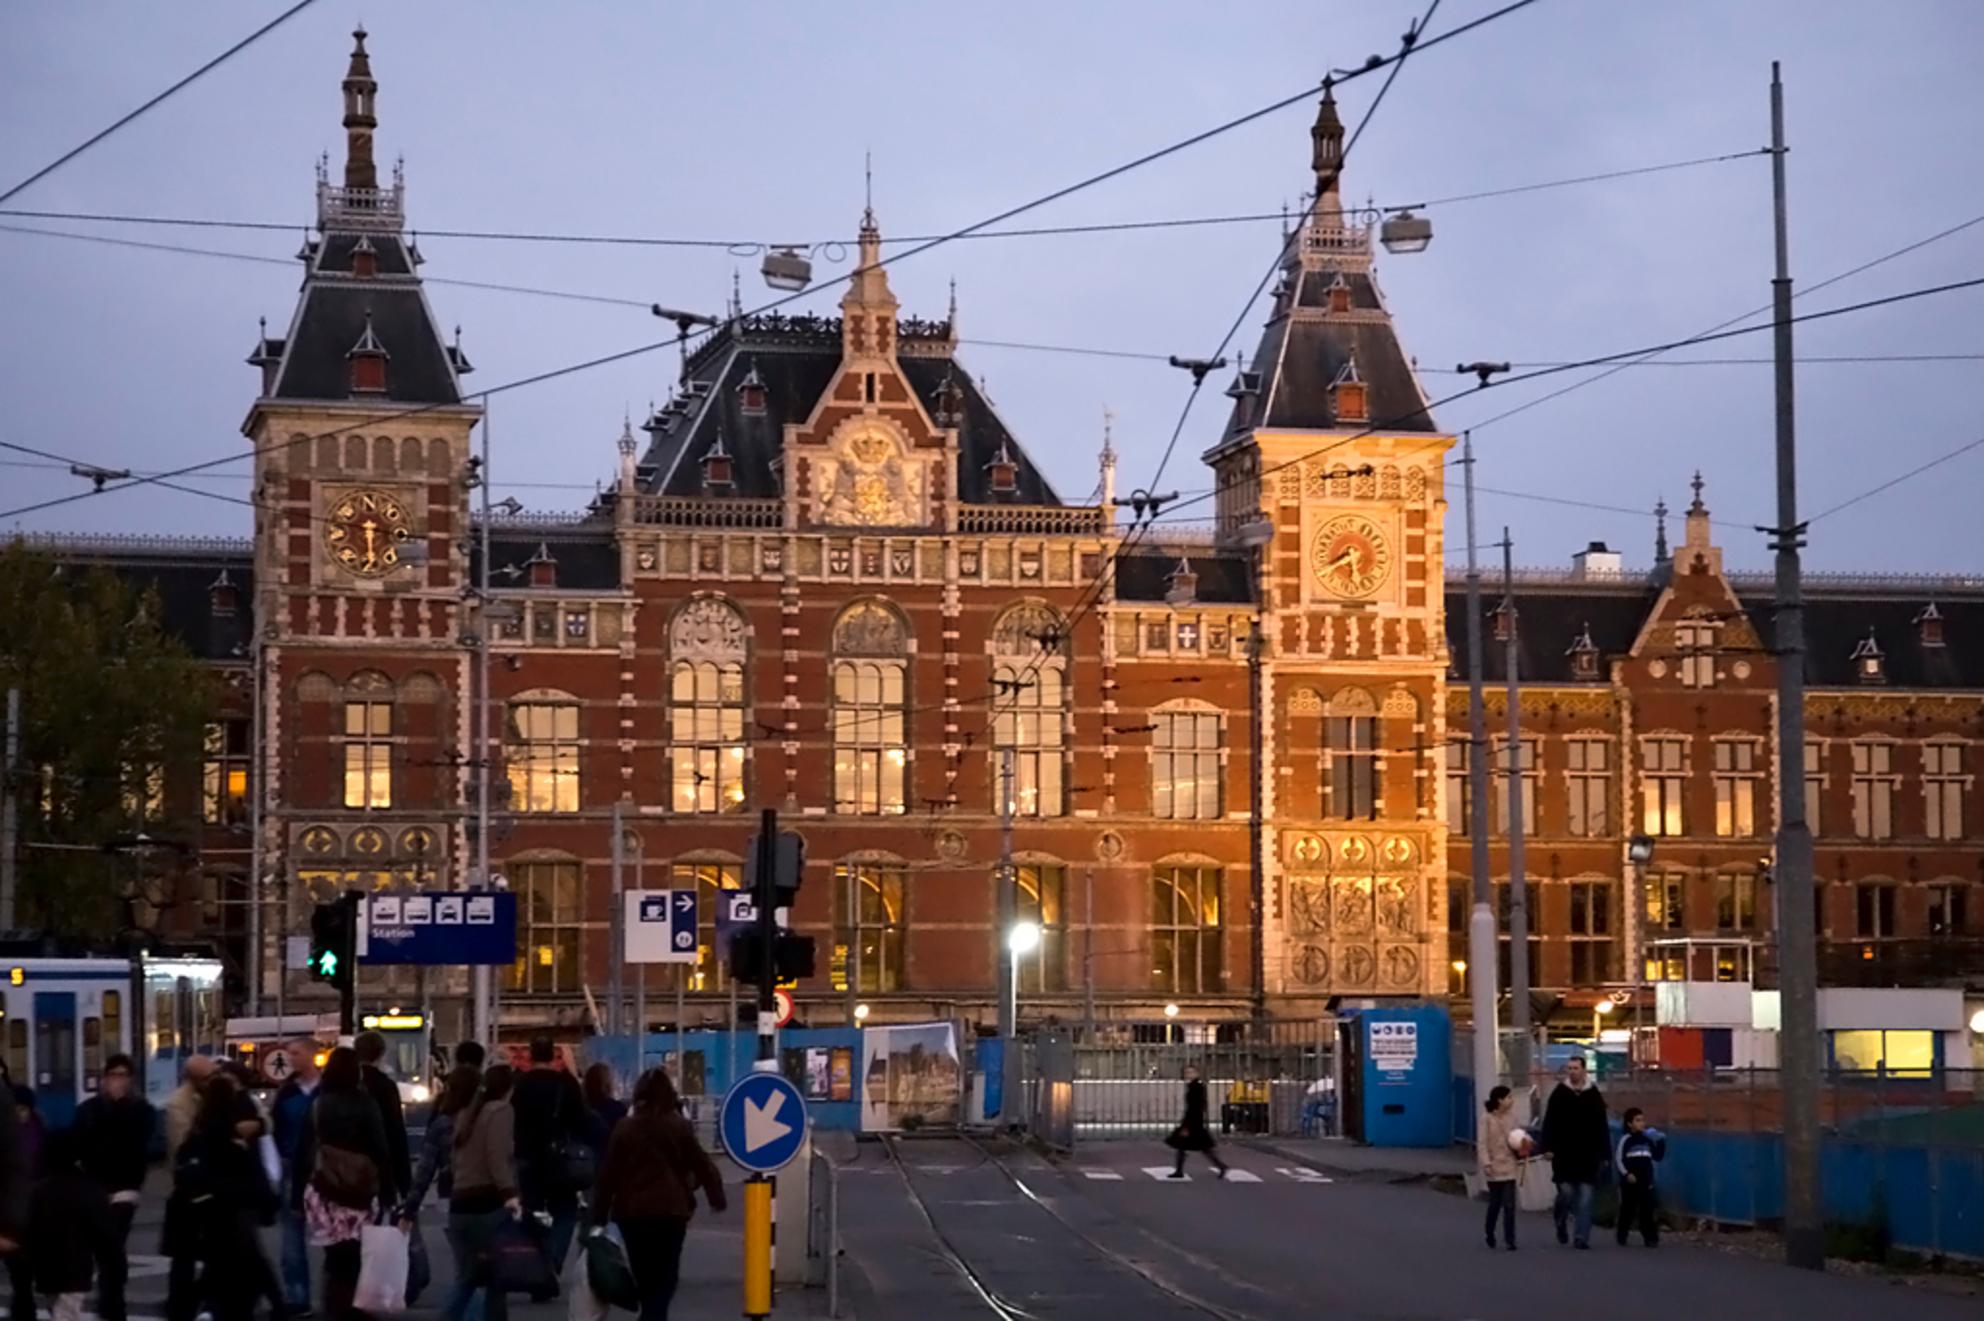 Centraal - Een dagje Amsterdam - foto door gerard-32 op 27-10-2009 - deze foto bevat: station, amsterdam, centraal